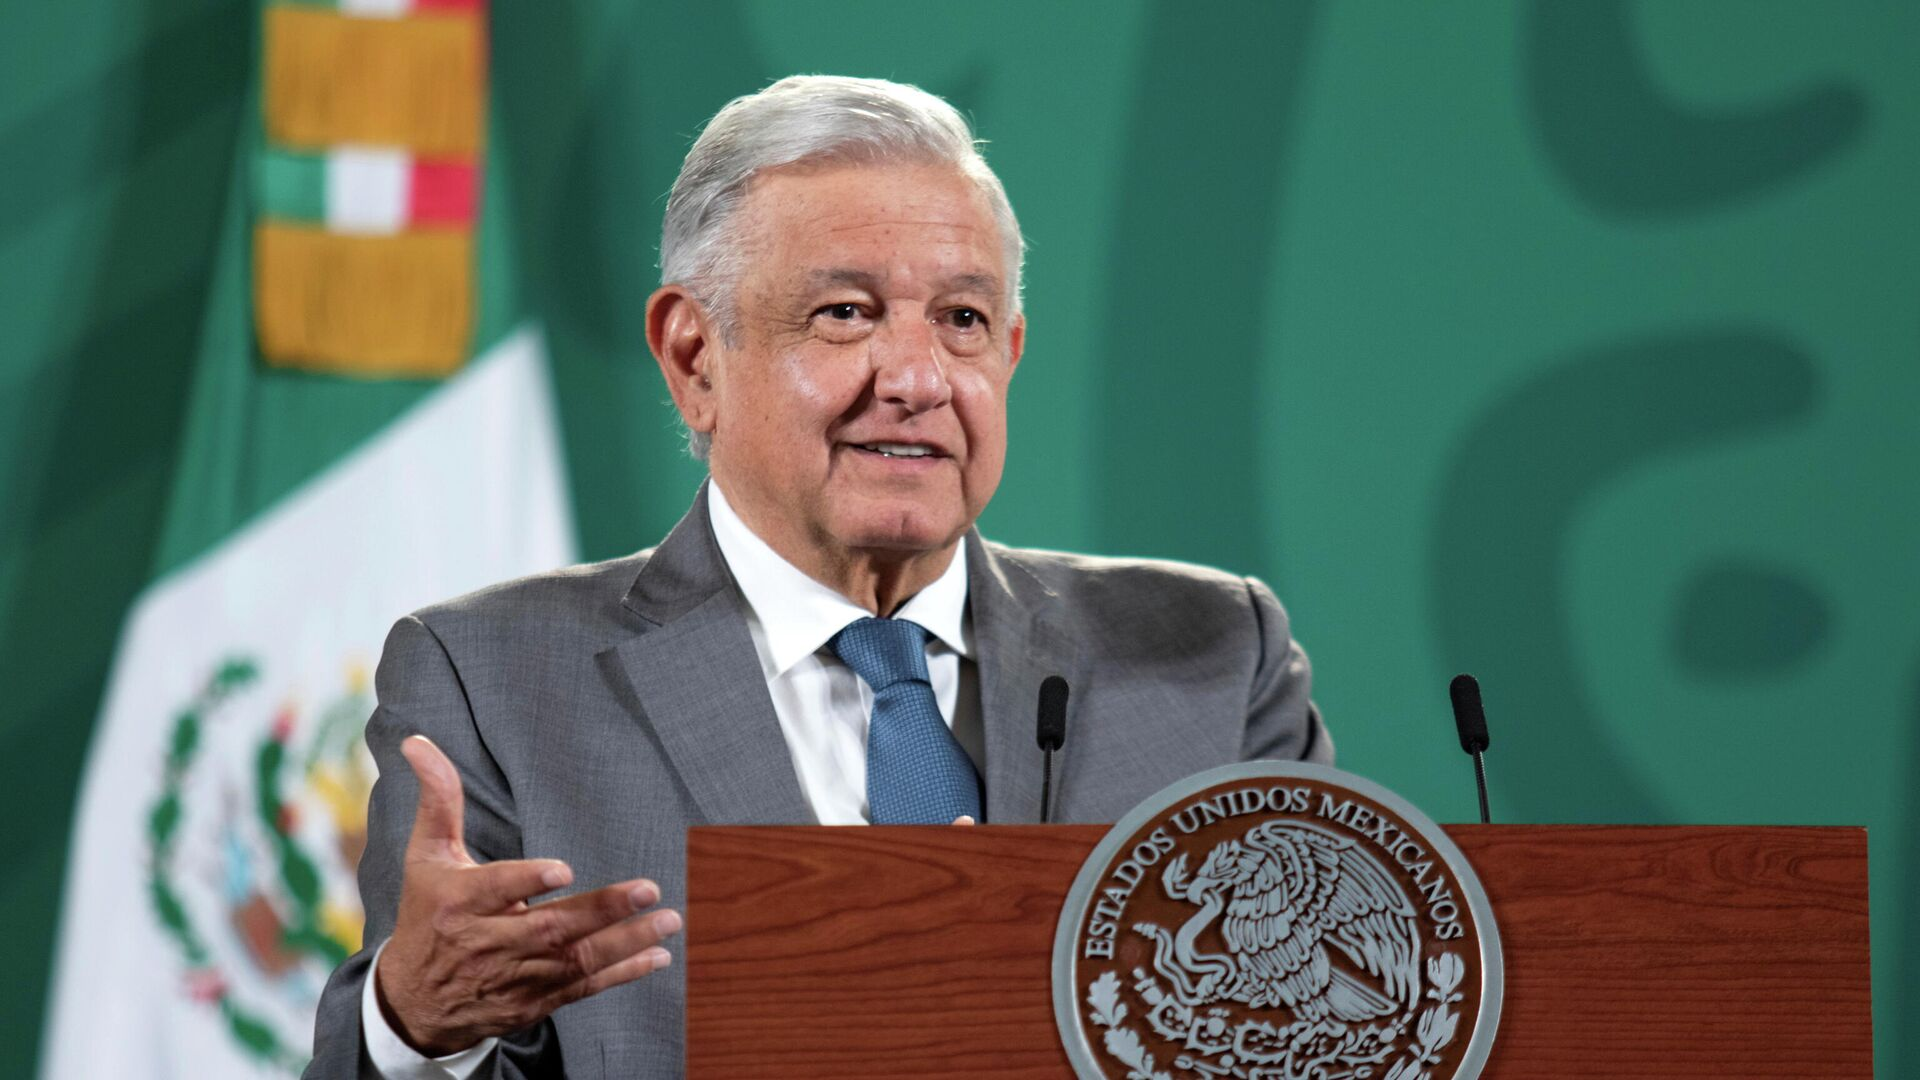 Andrés Manuel López Obrador, presidente de México - Sputnik Mundo, 1920, 05.08.2021